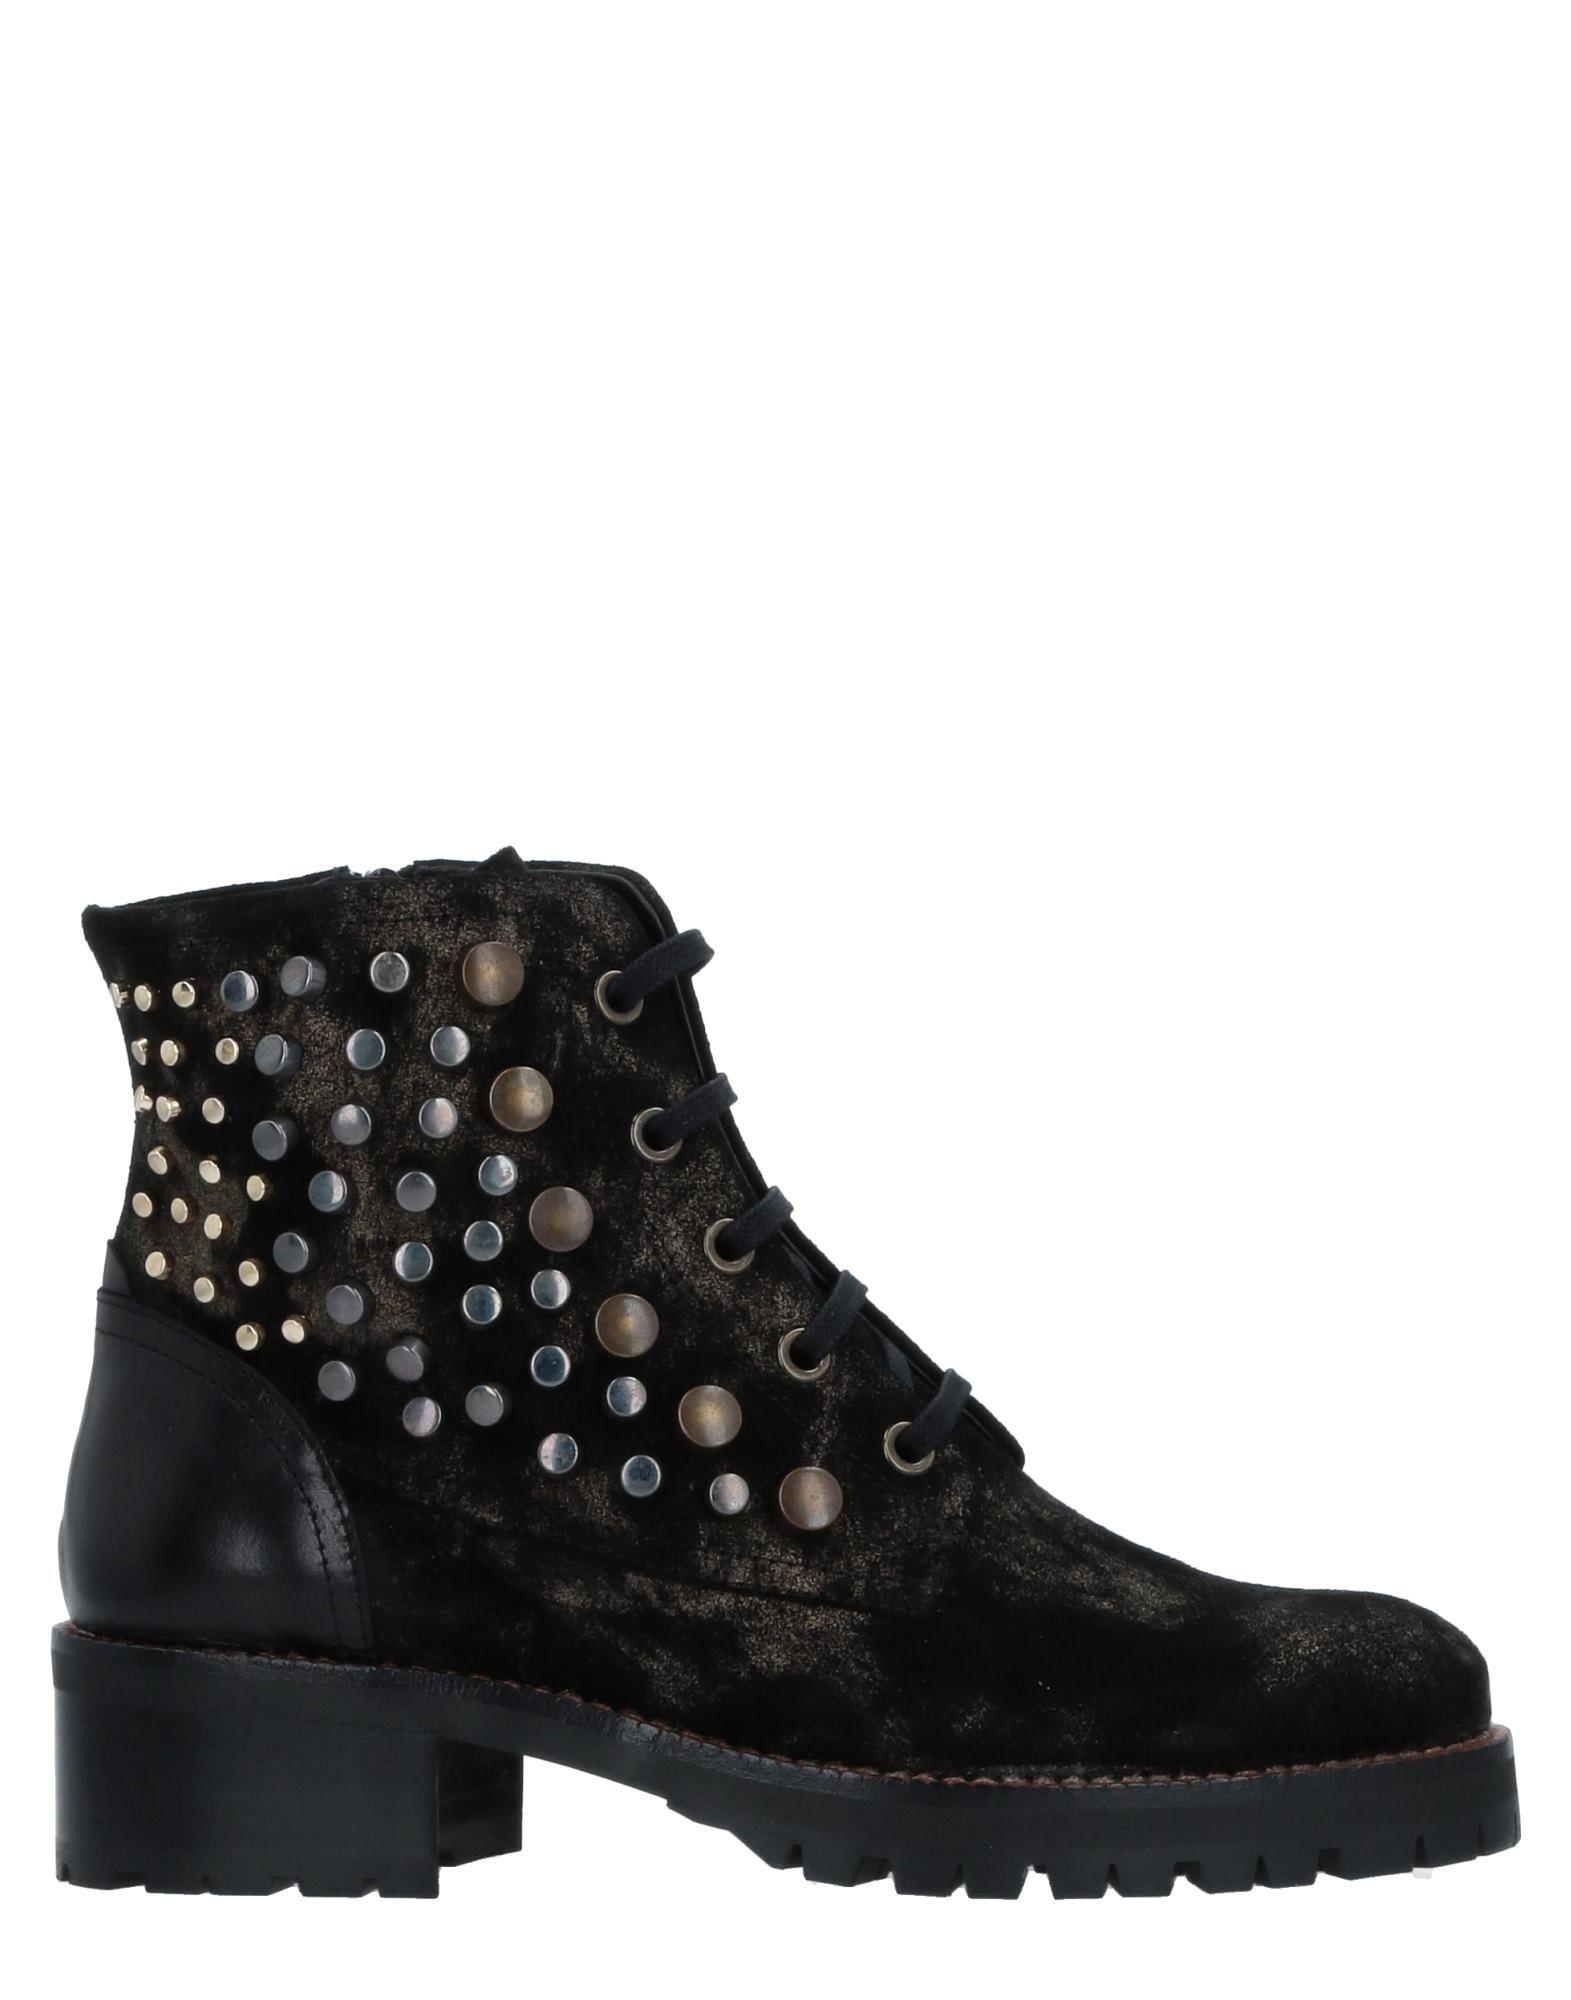 Zinda Stiefelette Damen  11517948DQGut aussehende strapazierfähige Schuhe